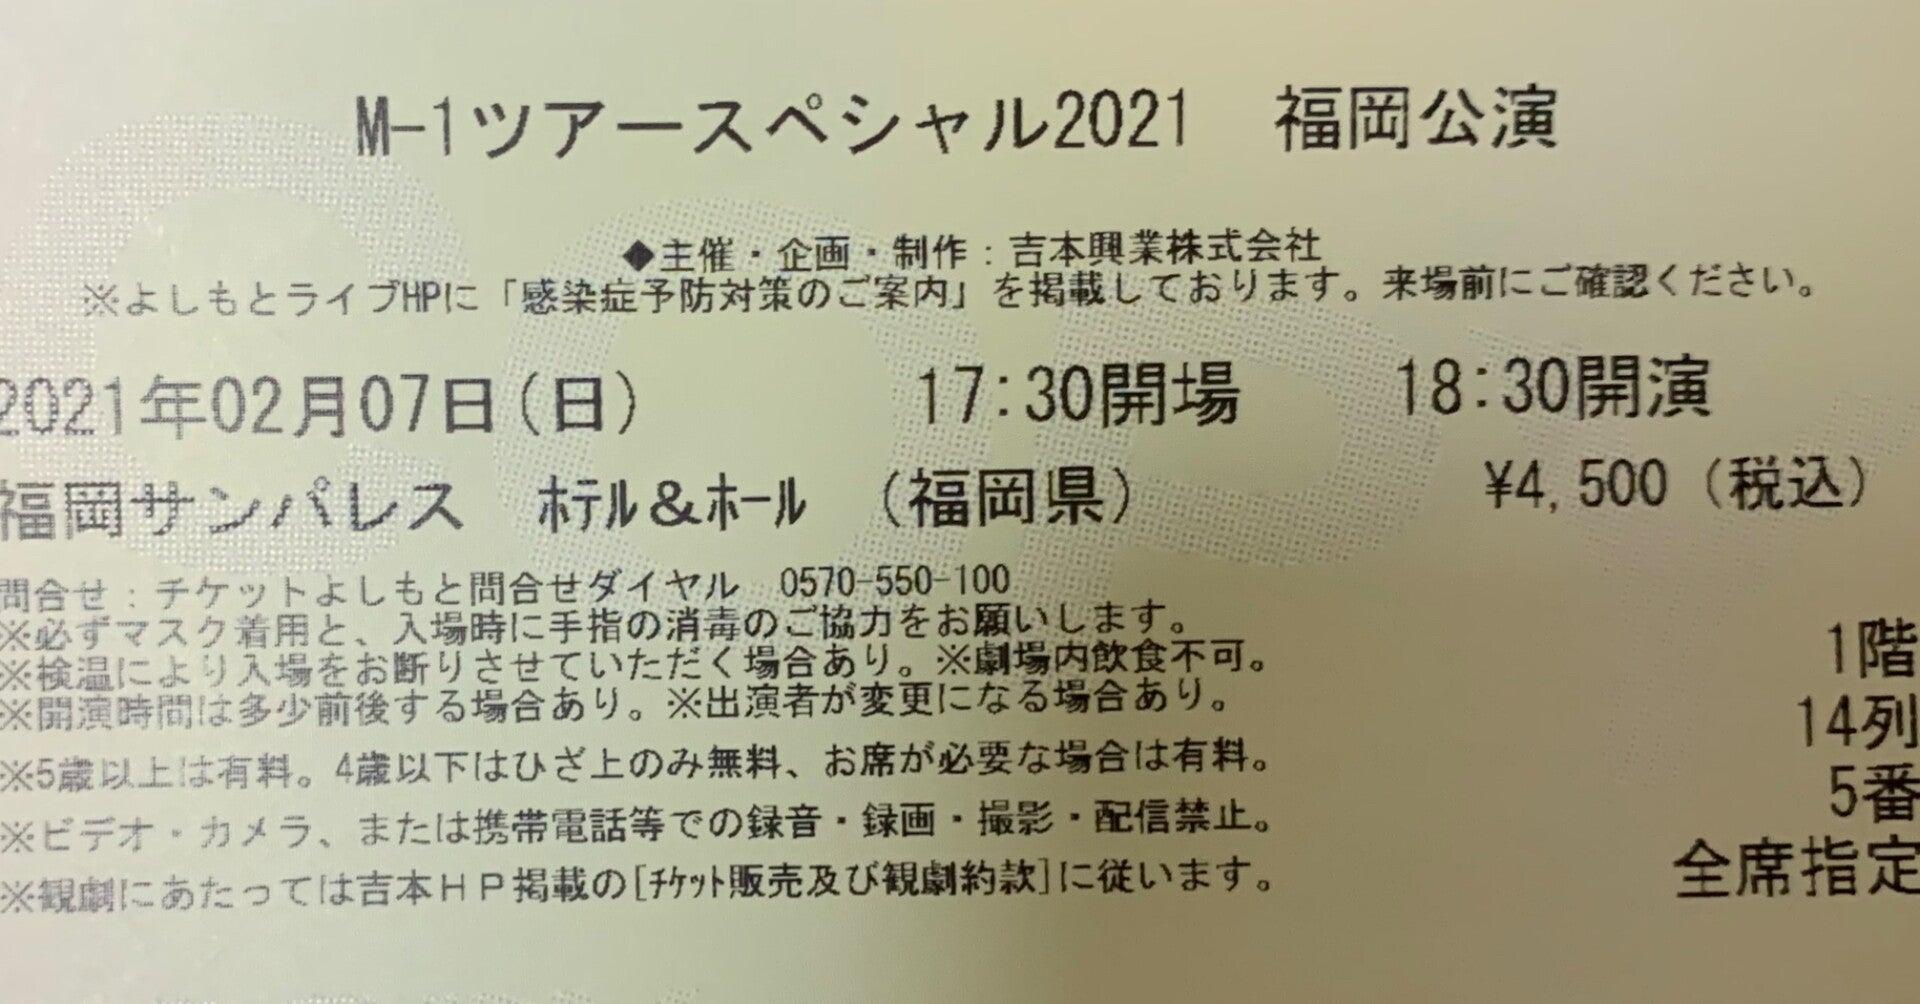 1 ツアー スペシャル 2021 m